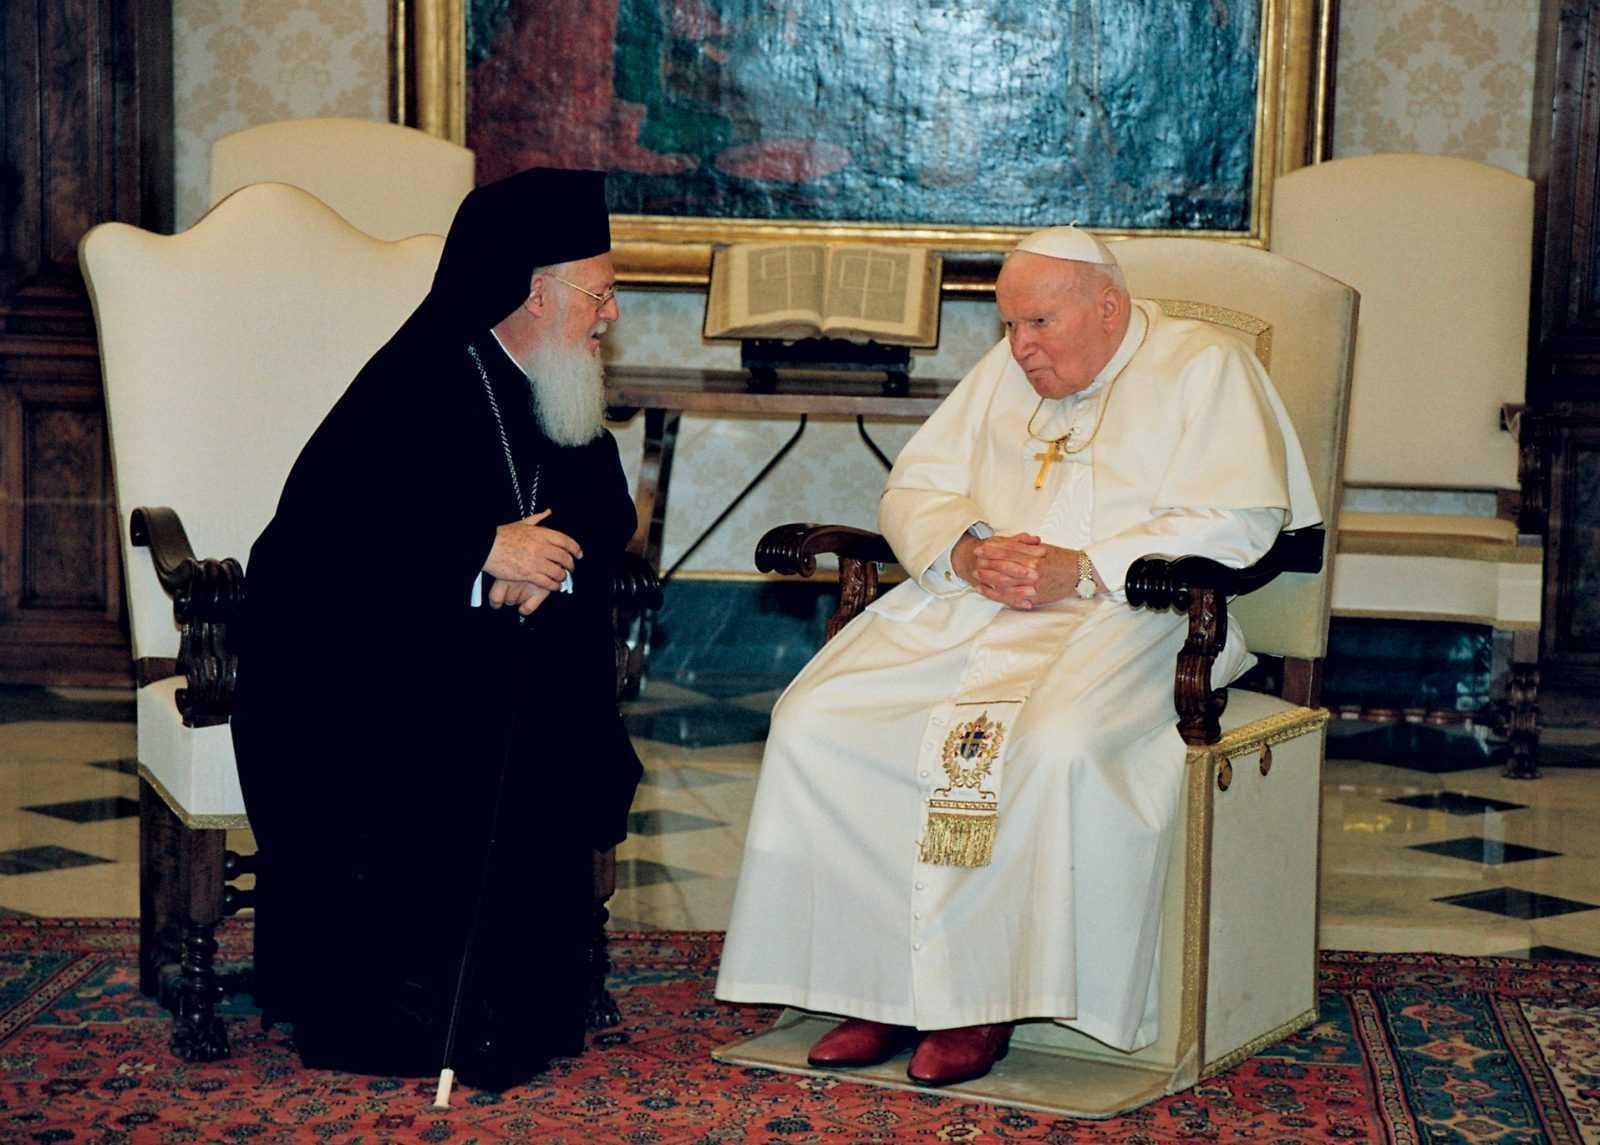 18 мая исполняется 100 лет со дня рождения Св. Папы Иоанна Павла II. 7